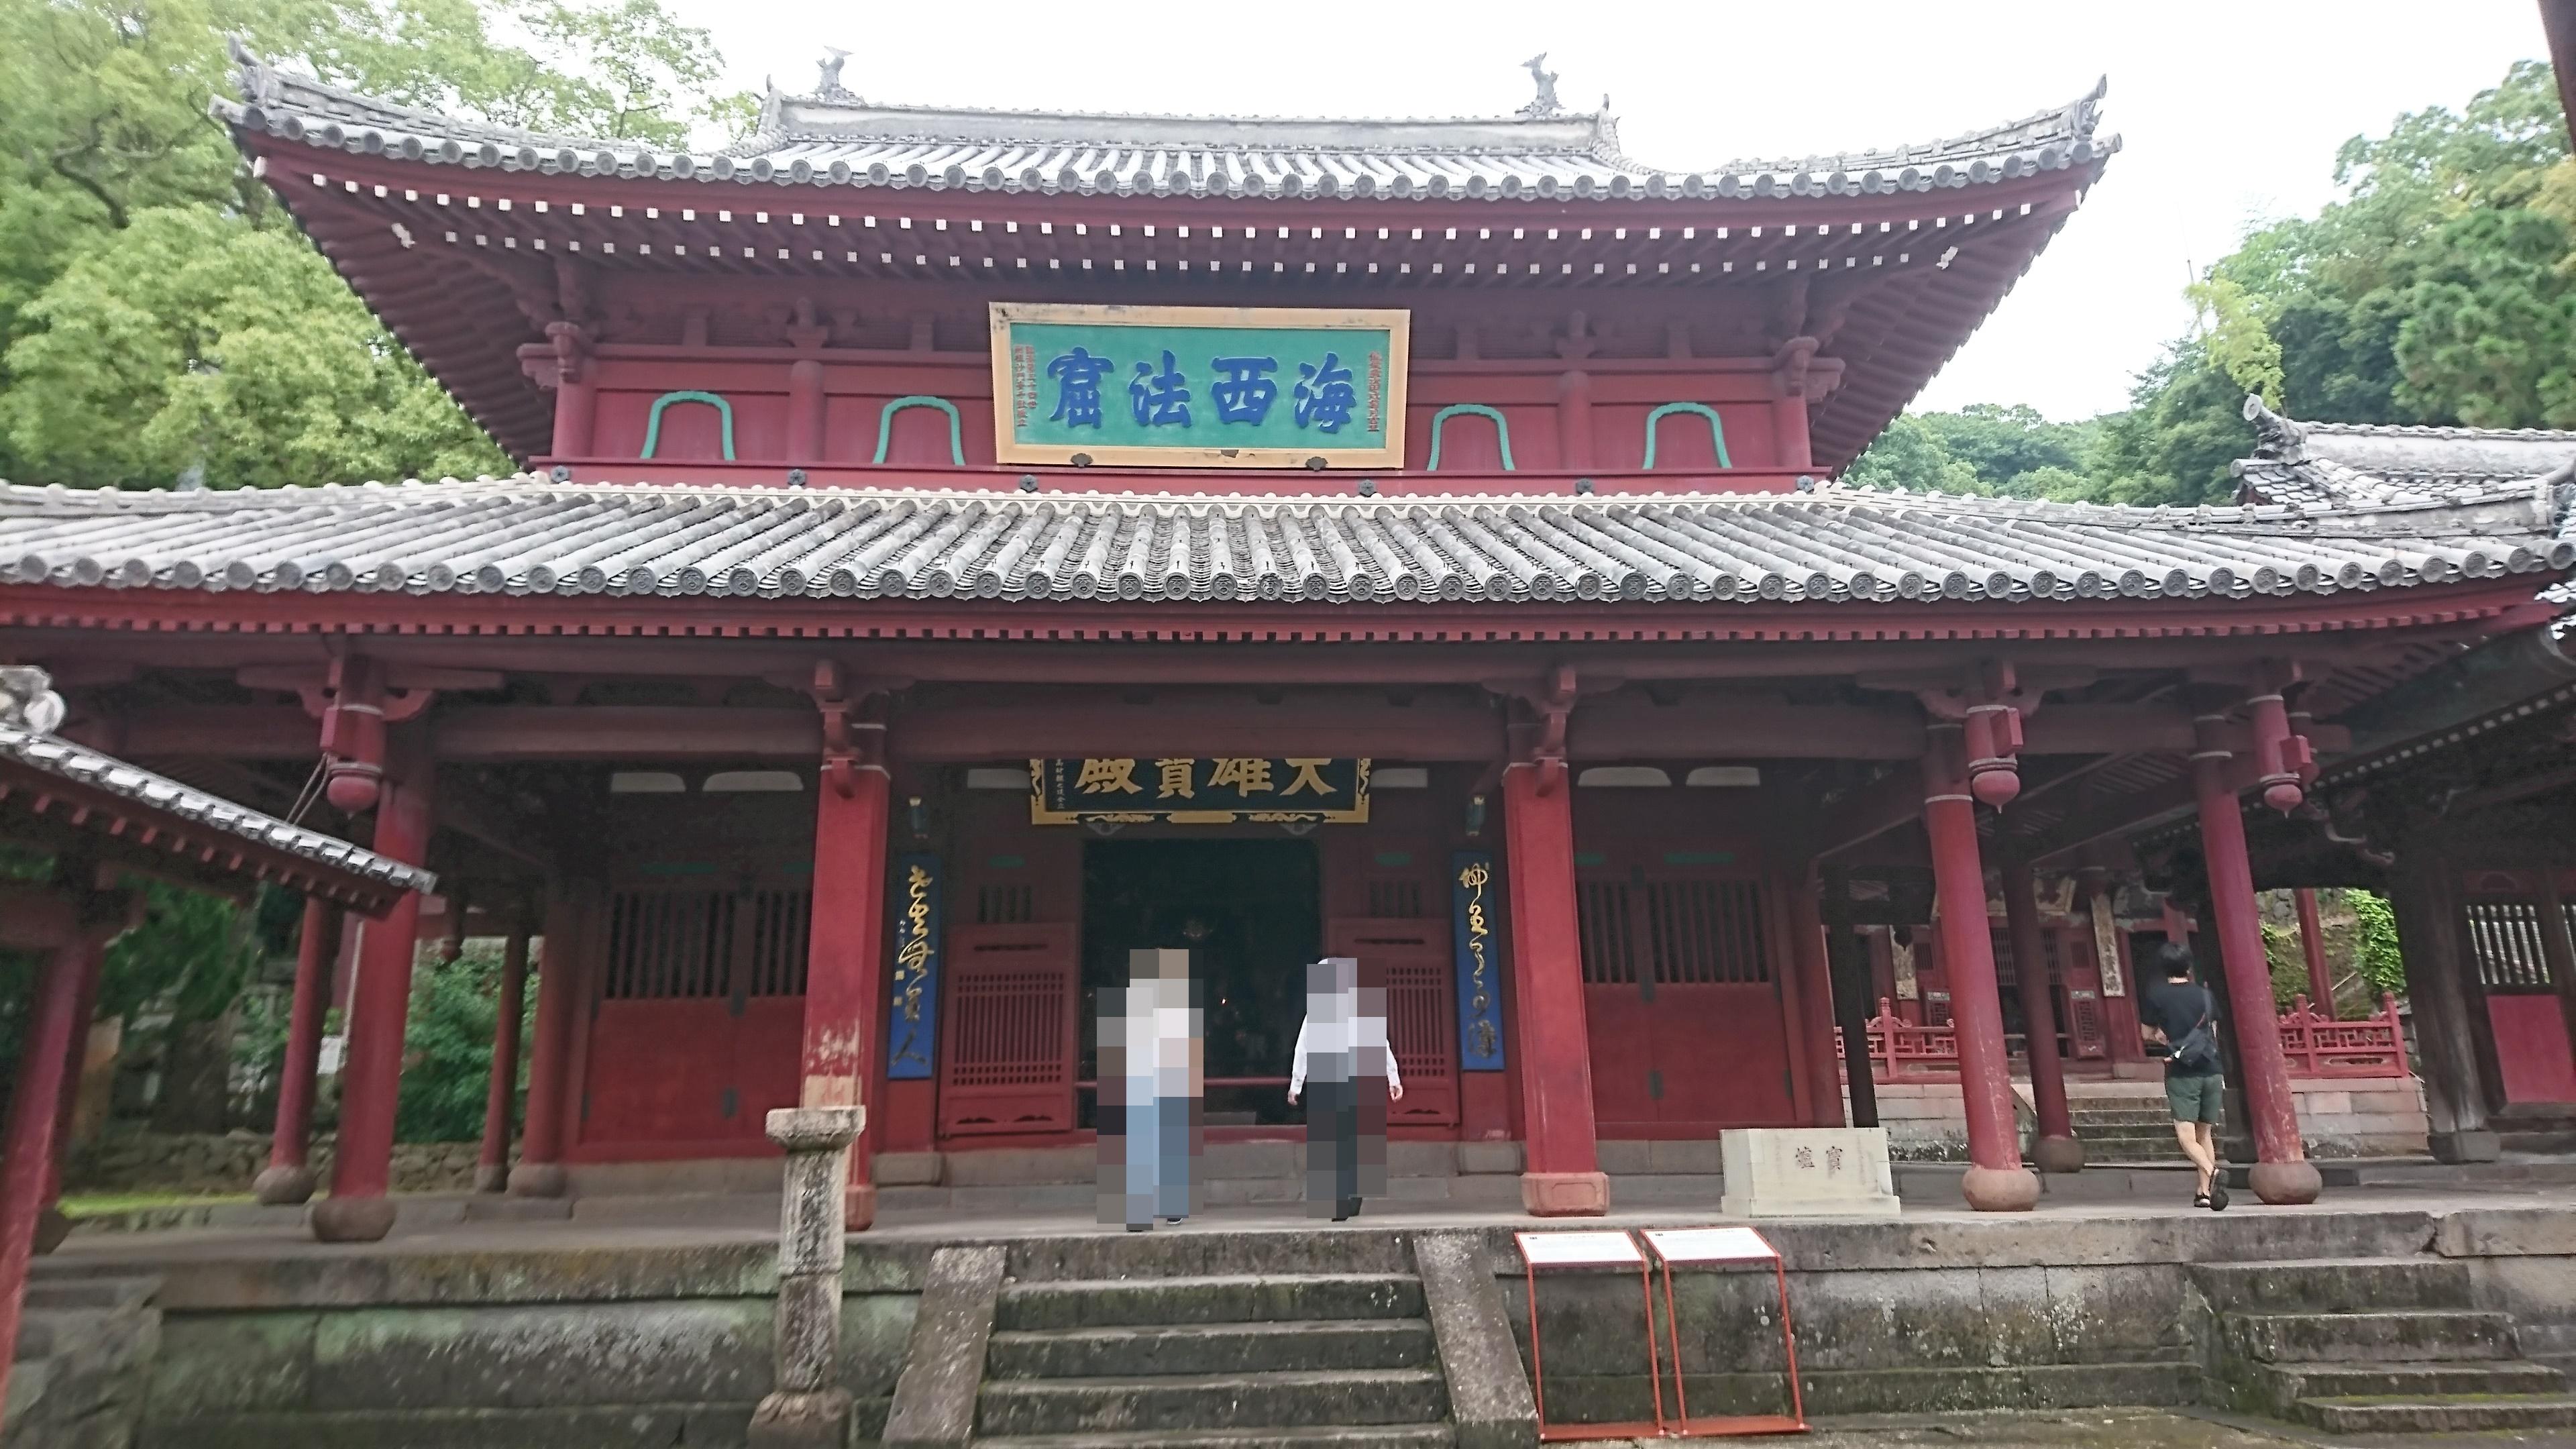 長崎の崇福寺の国宝大雄宝殿